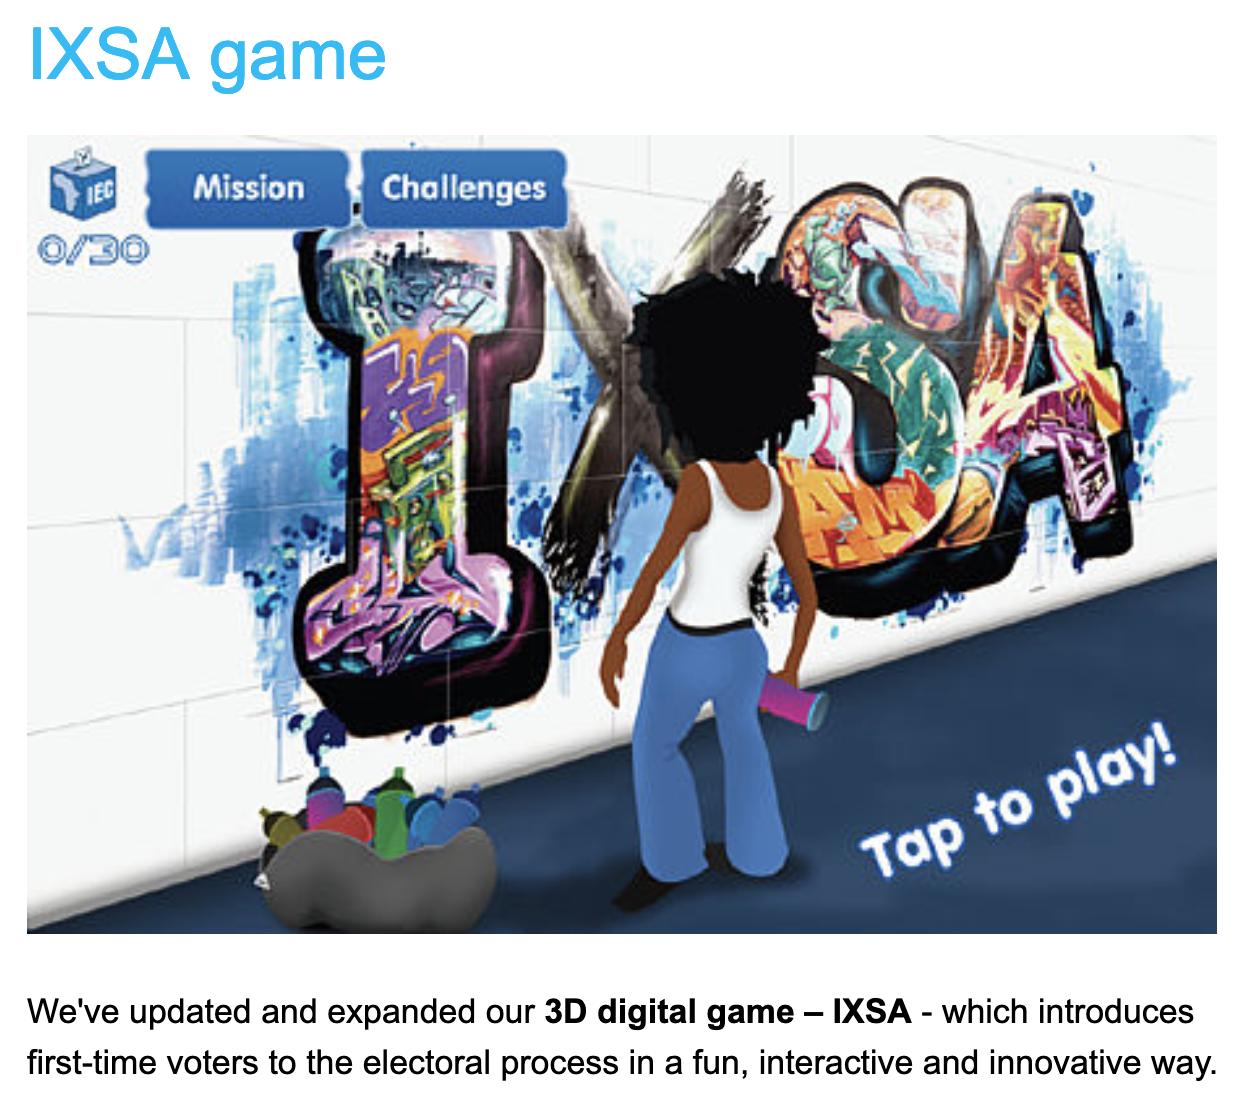 ixsa-game